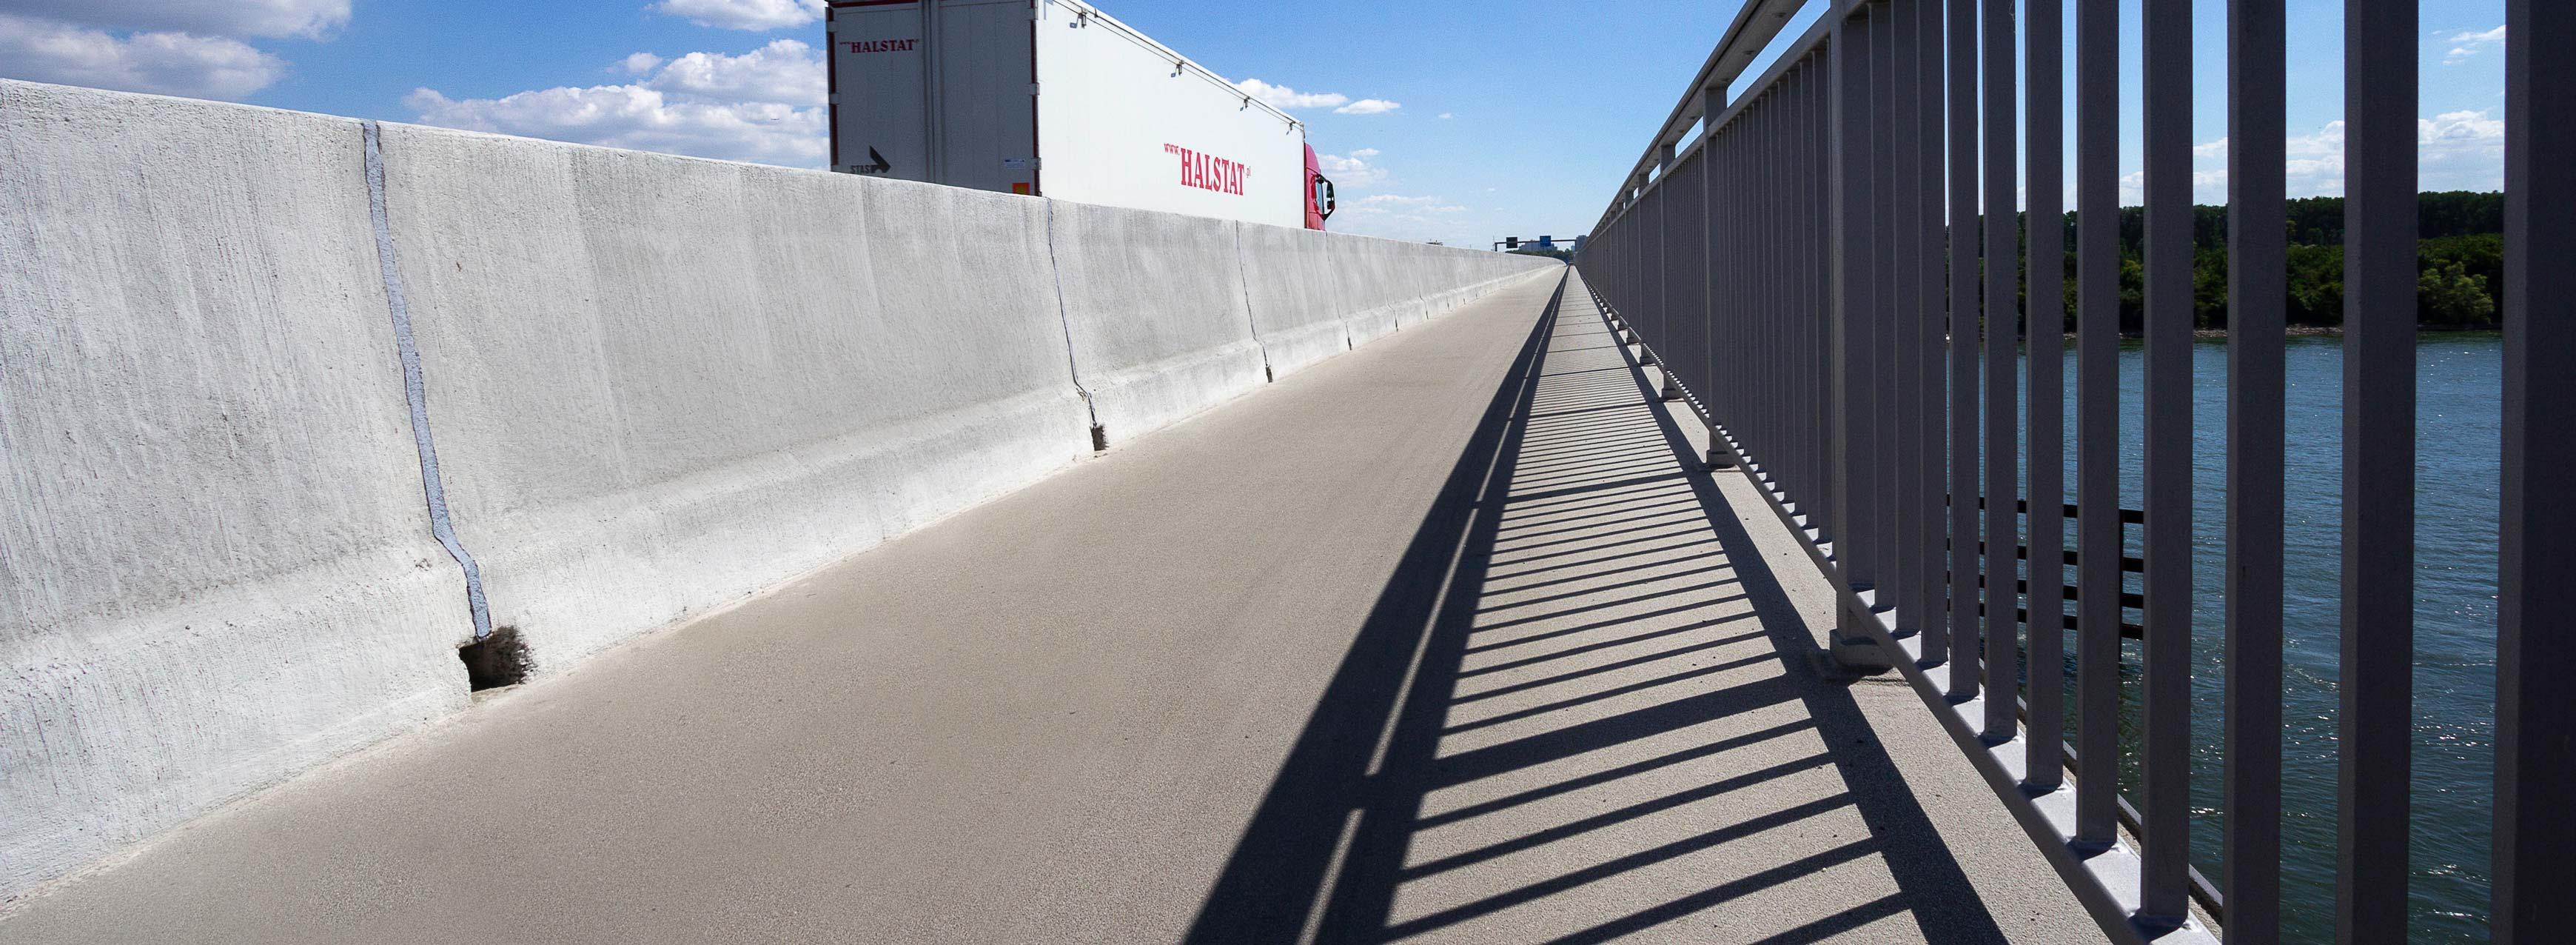 Schiersteiner Brücke Fahrzeugrückhaltesystem von Linetech